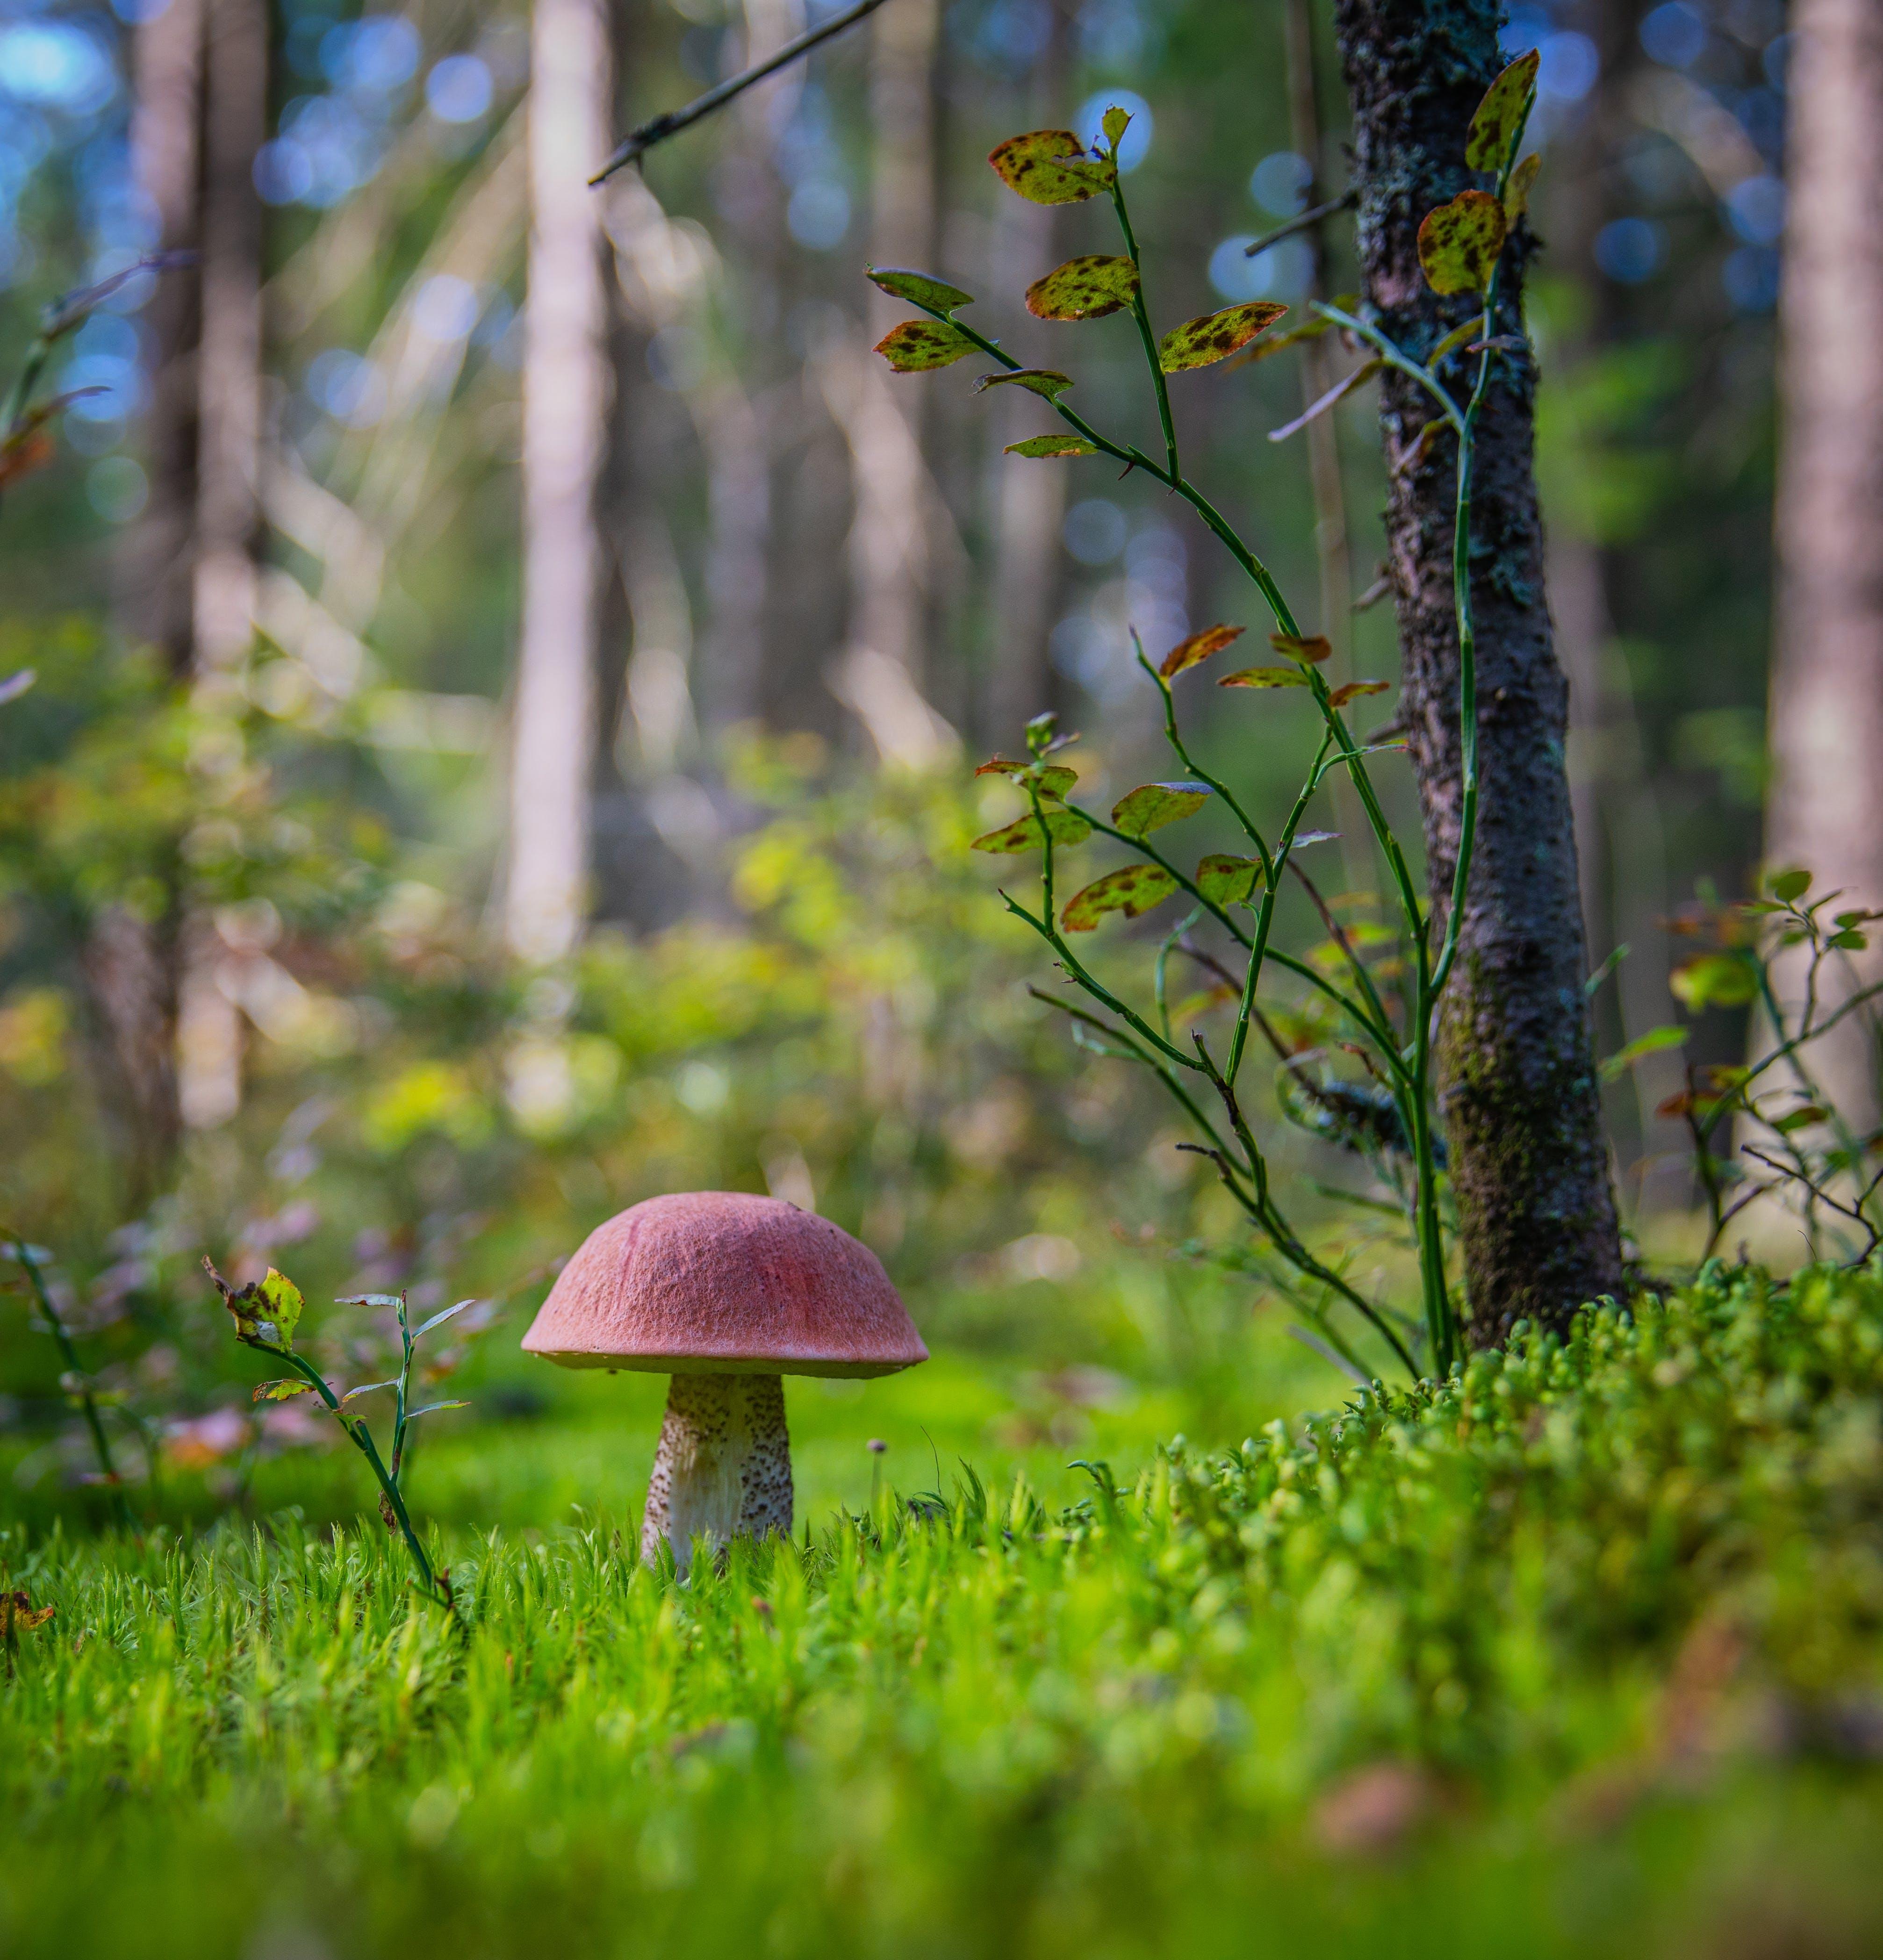 ağaç, alan derinliği, Boletus, büyüme içeren Ücretsiz stok fotoğraf